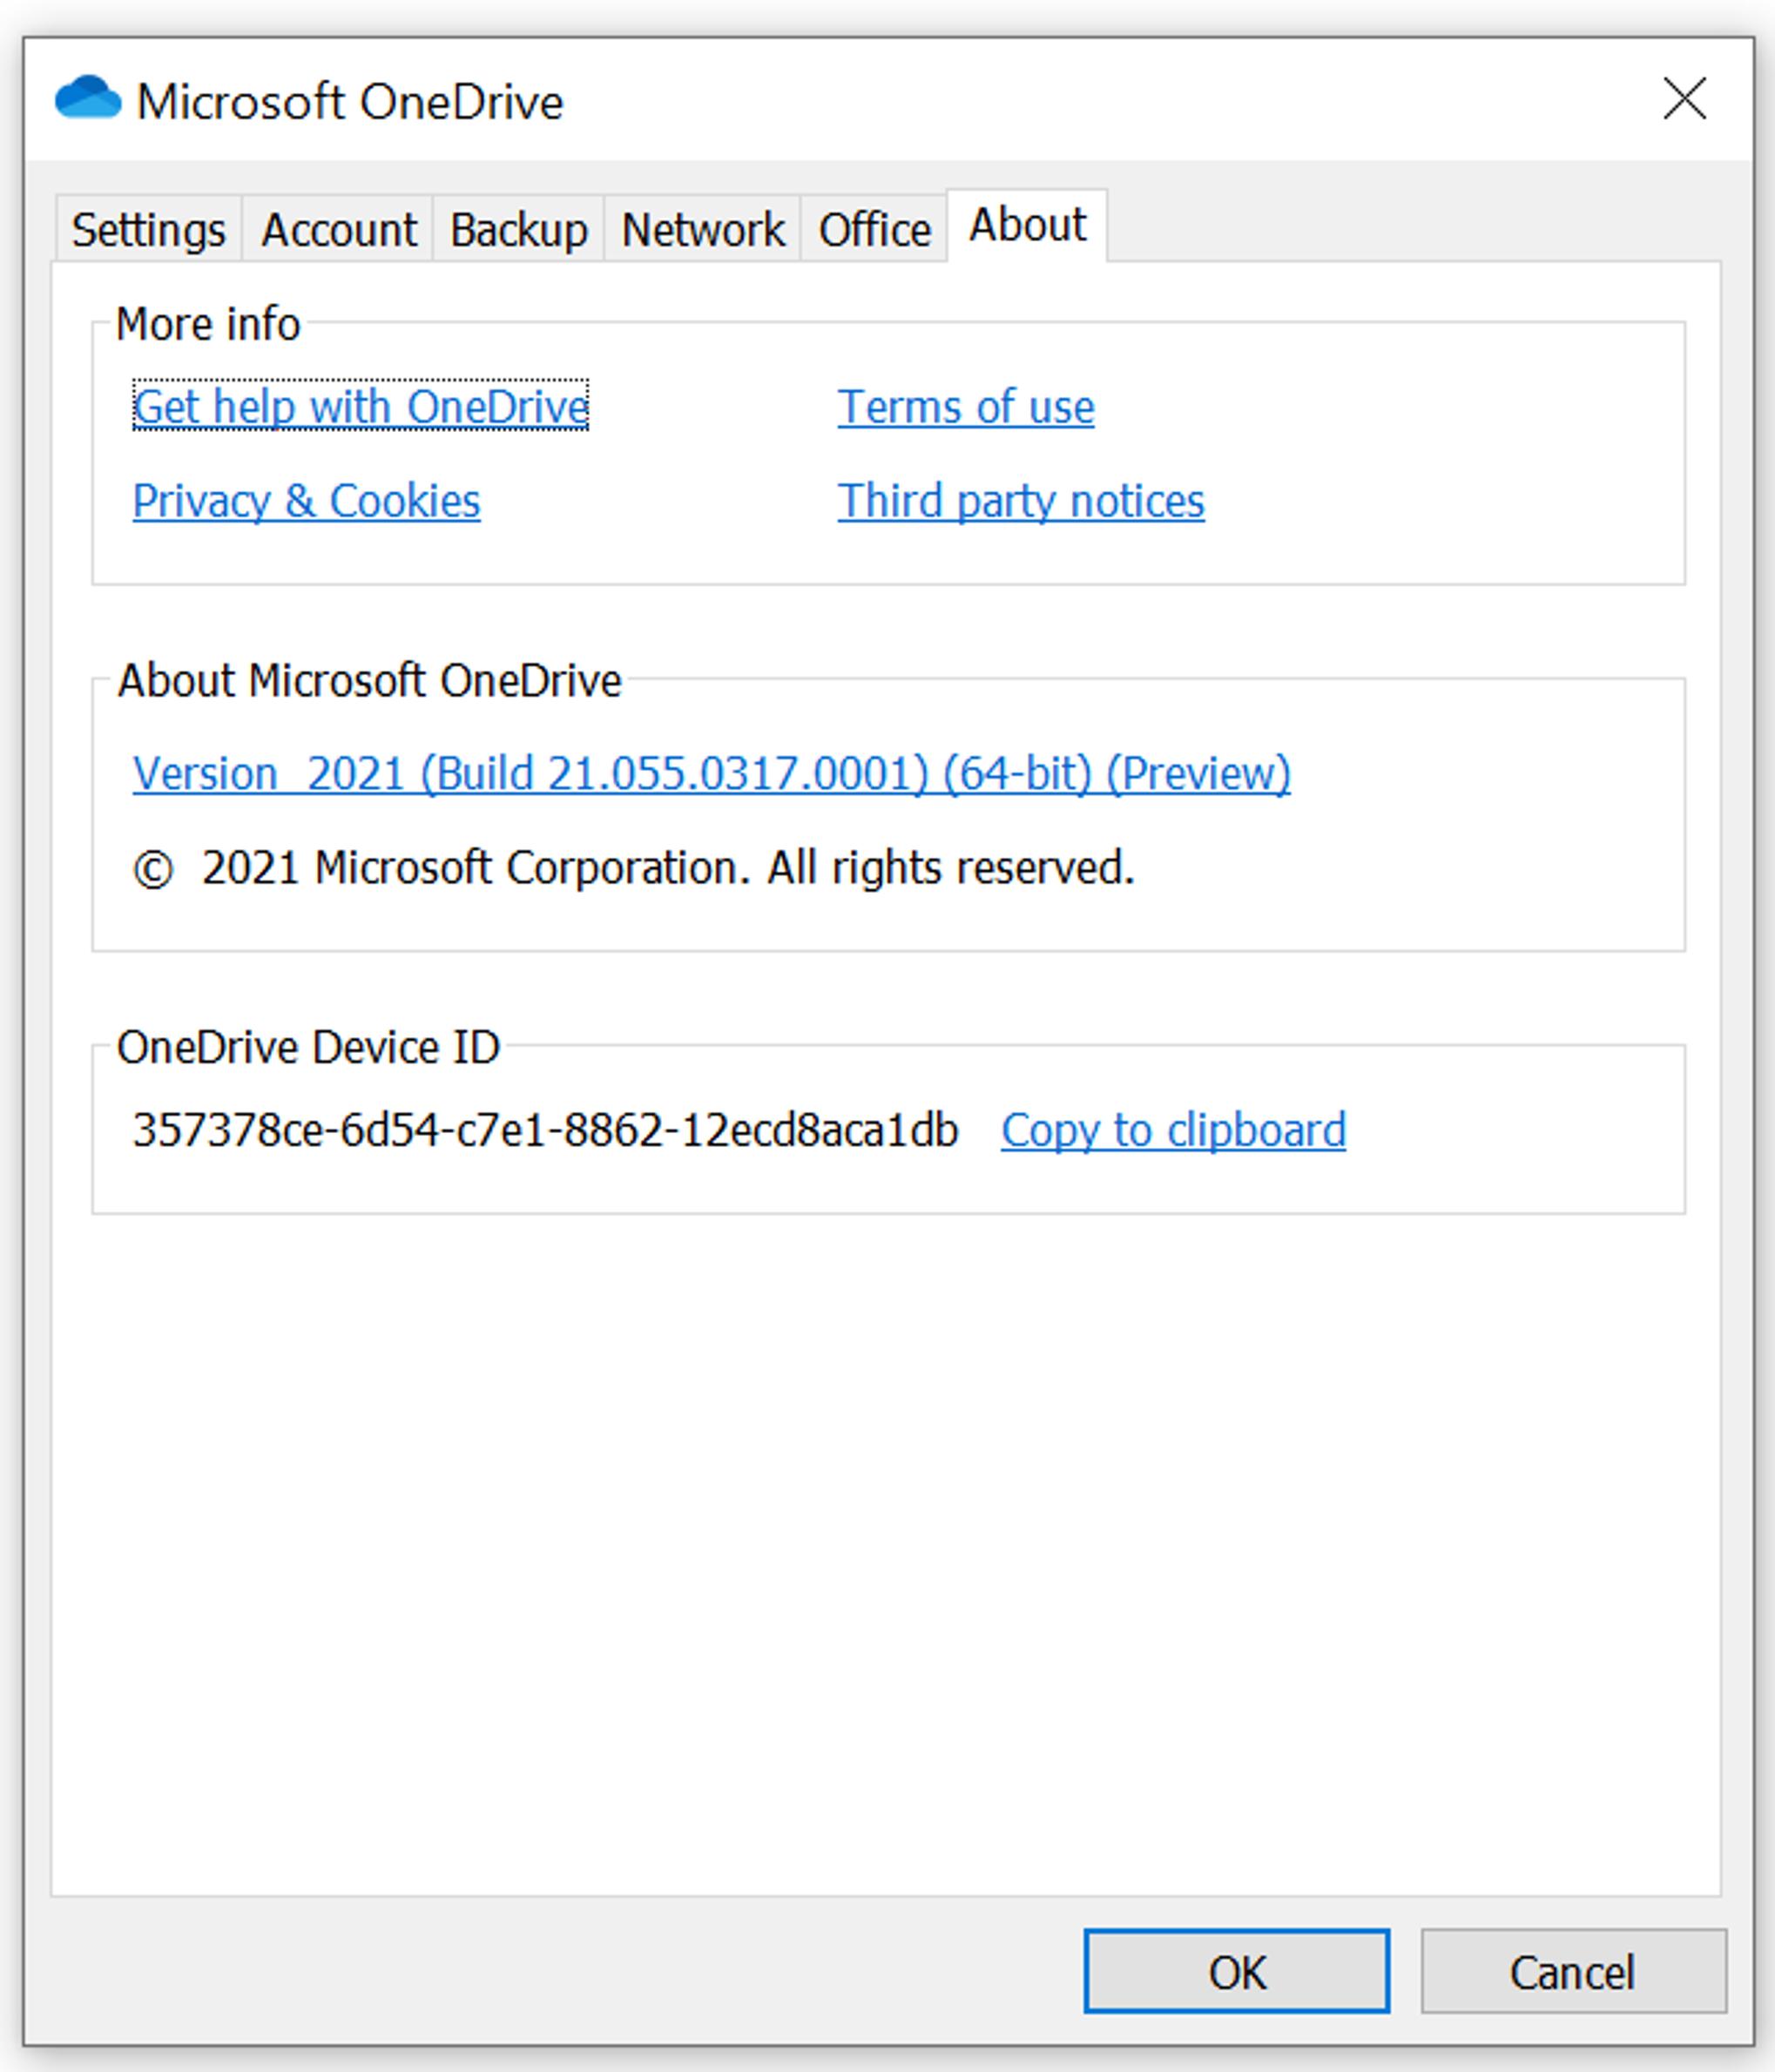 """Memperlihatkan tab Pengaturan yang dipilih untuk OneDrive, dan nomor build dan versi tercantum di bawah ini: """"Tentang Microsoft OneDrive."""""""